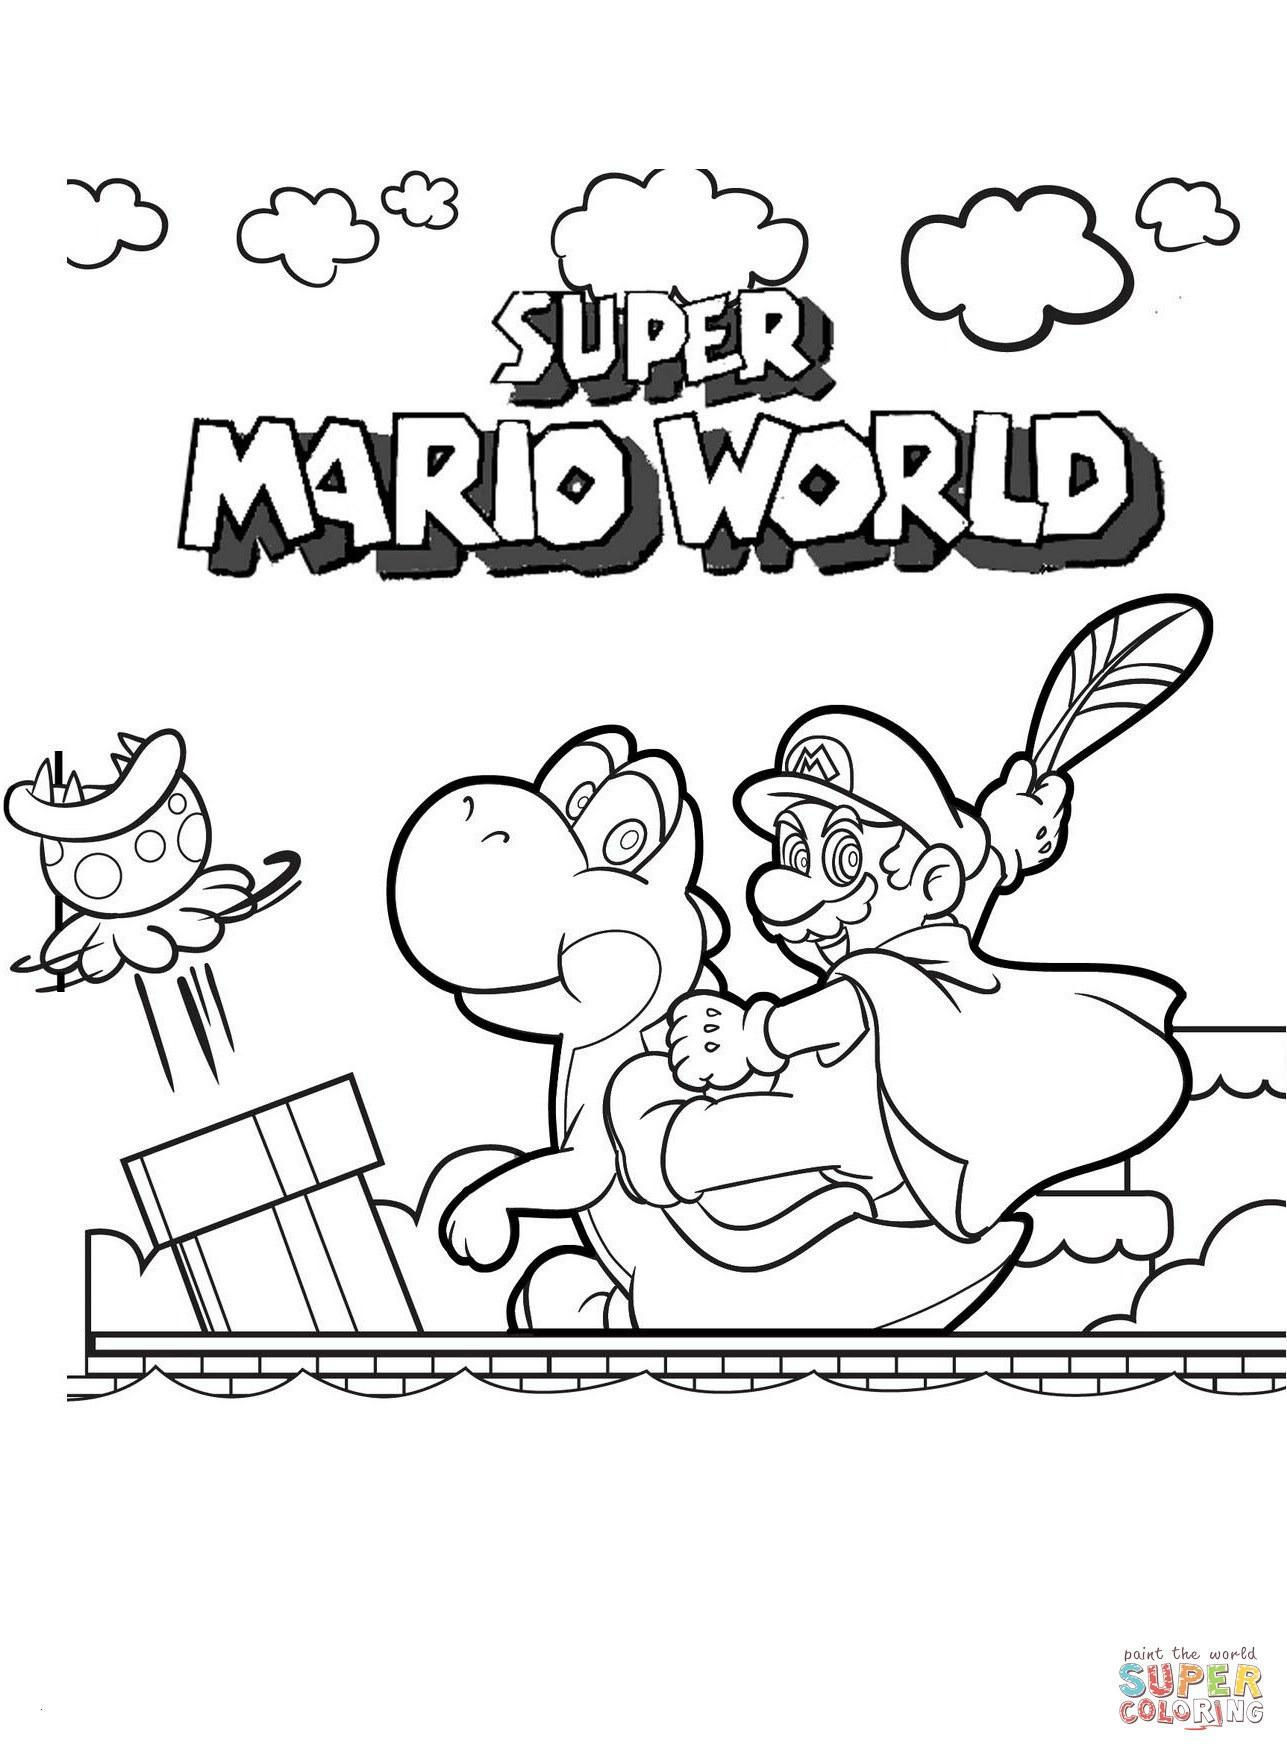 Mario Zum Ausmalen Neu 37 Super Mario Kart Ausmalbilder Scoredatscore Inspirierend Super Stock